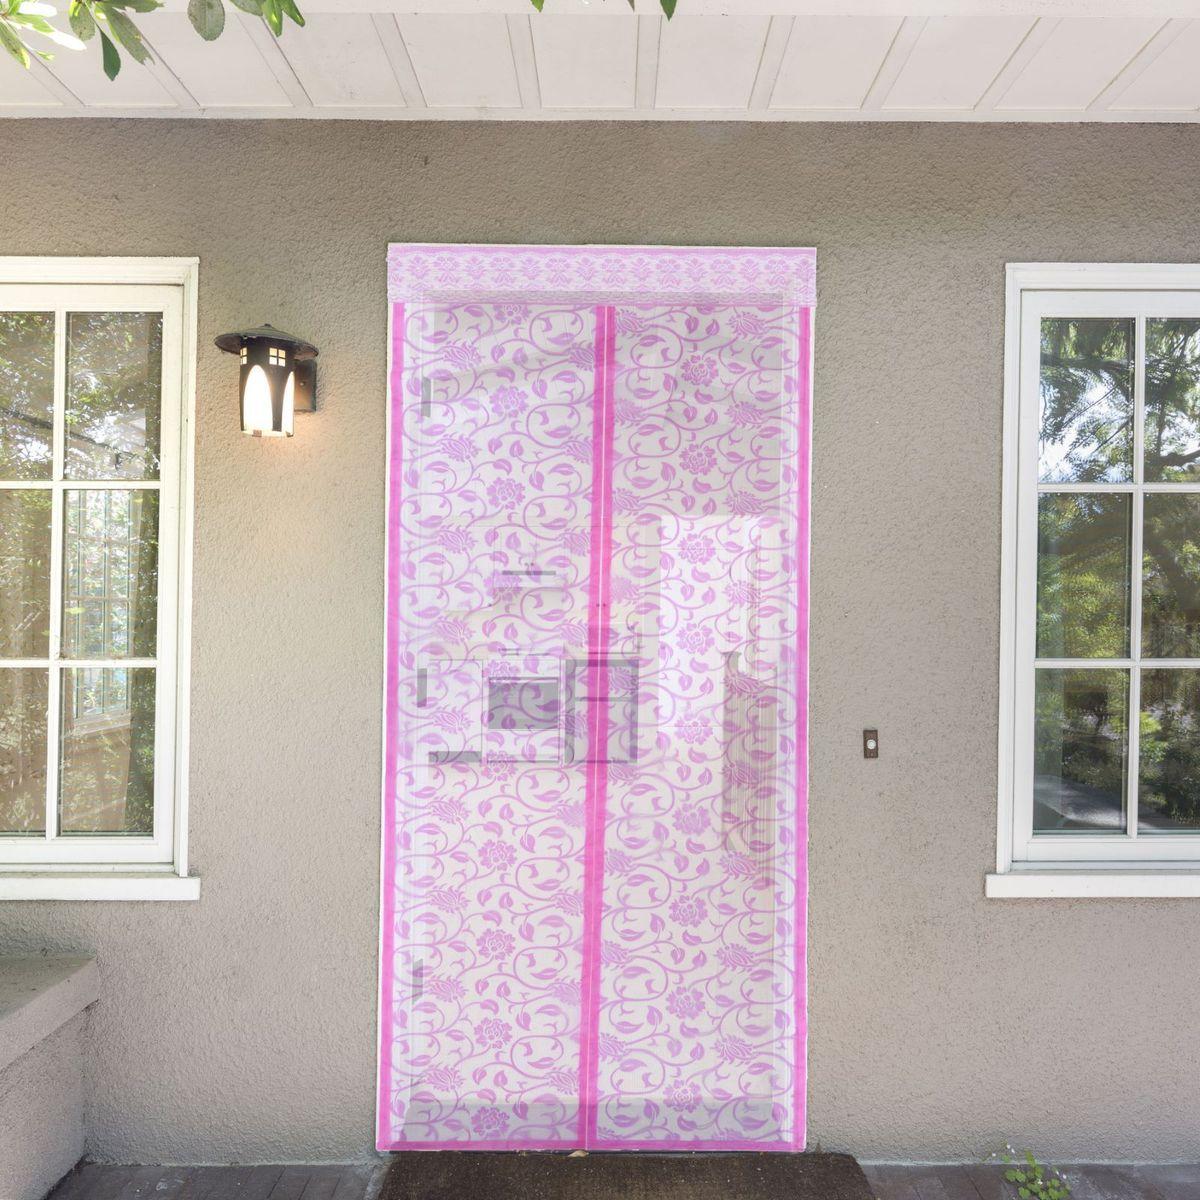 Сетка антимоскитная Цветочный узор, на магнитной ленте, цвет: розовый, 80 х 210 см1207611Сетка антимоскитная Цветочный узор от насекомых на магнитной ленте универсальна в использовании: подвесьте ее при входе в садовый дом или балкон, чтобы предотвратить попадание комаров внутрь жилища. Наслаждайтесь свежим воздухом без компании надоедливых насекомых.Чтобы зафиксировать занавес в дверном проеме, достаточно закрепить занавеску по периметру двери с помощью кнопок, идущих в комплекте.В комплект входит: полиэстеровая сетка-штора (80 x 210 см), магнитная лента и крепёжные крючки.Принцип действия занавеса предельно прост: каждый раз, когда вы будете проходить сквозь шторы, они автоматически захлопнутся за вами благодаря магнитам, расположенным по всей его длине.